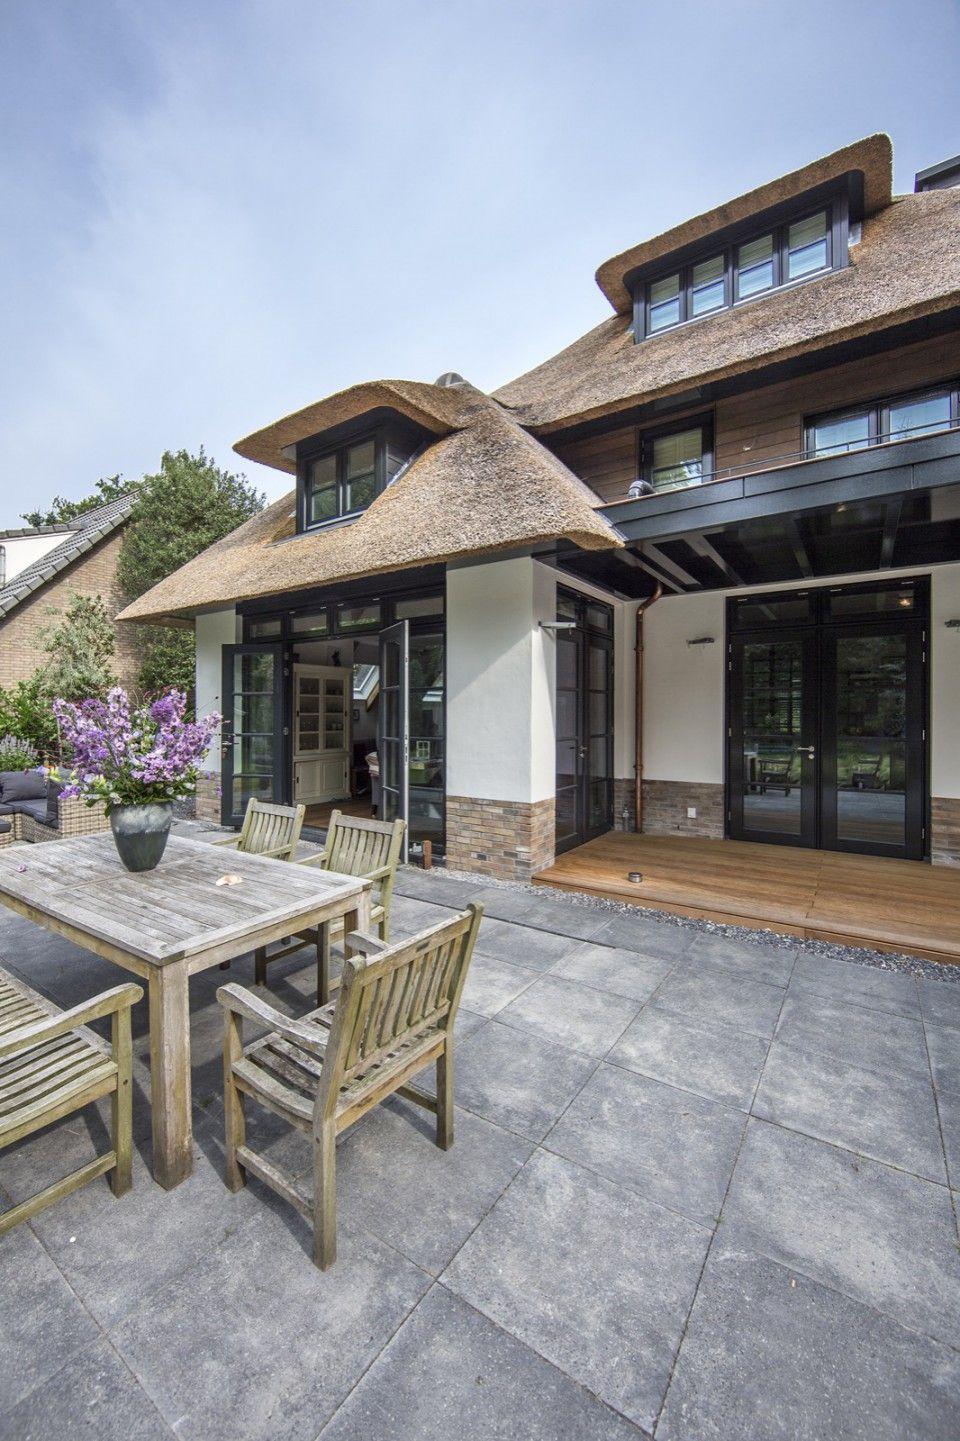 Terrassen Veranda luxe veranda bij villa met rieten dak veranda ideas outdoor